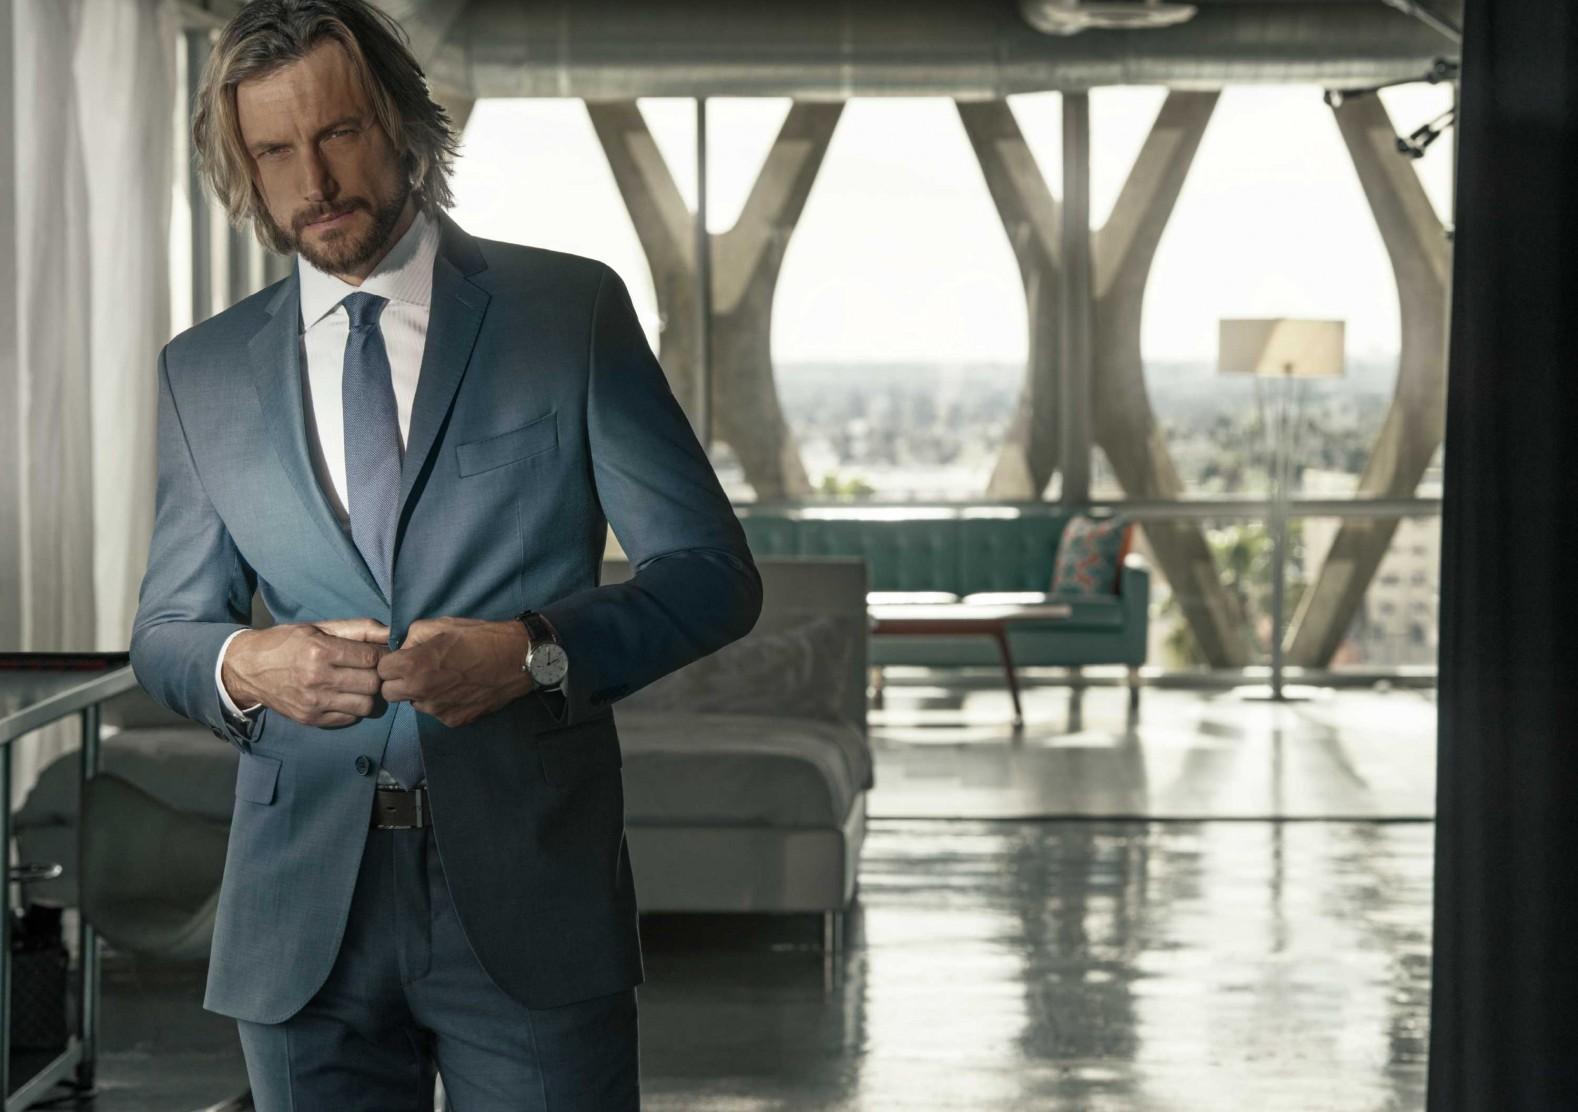 A melhor combinação para igreja é terno azul, camisa branca, gravata azul e sapato e cinto preto.